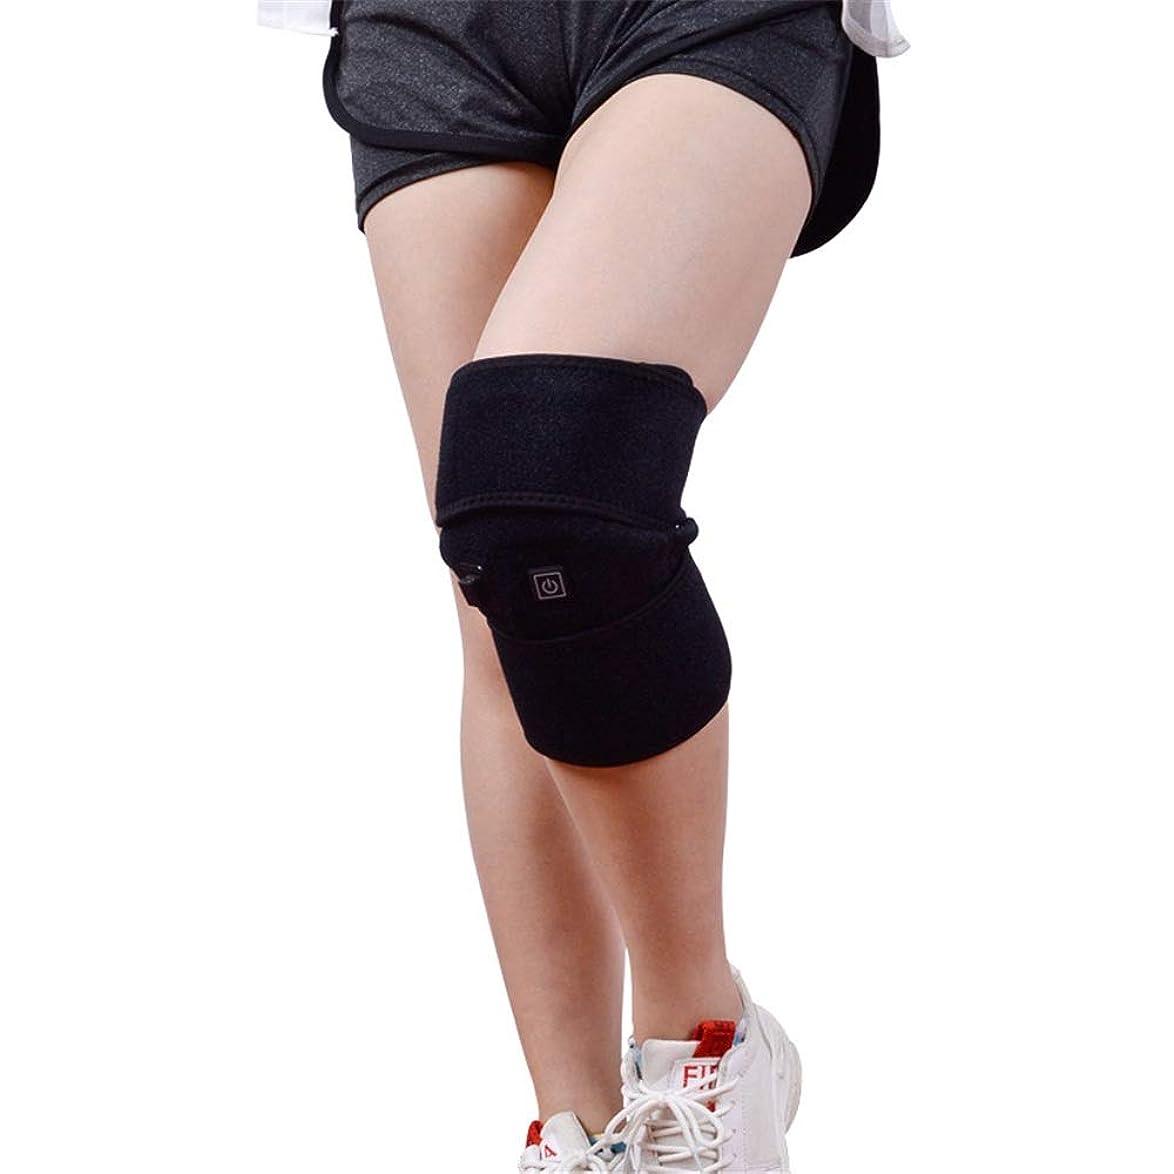 メンターひどい比率女性と男性の3温度制御熱膝膝暖房パッド膝のサポート (色 : ブラック, サイズ : Free size)